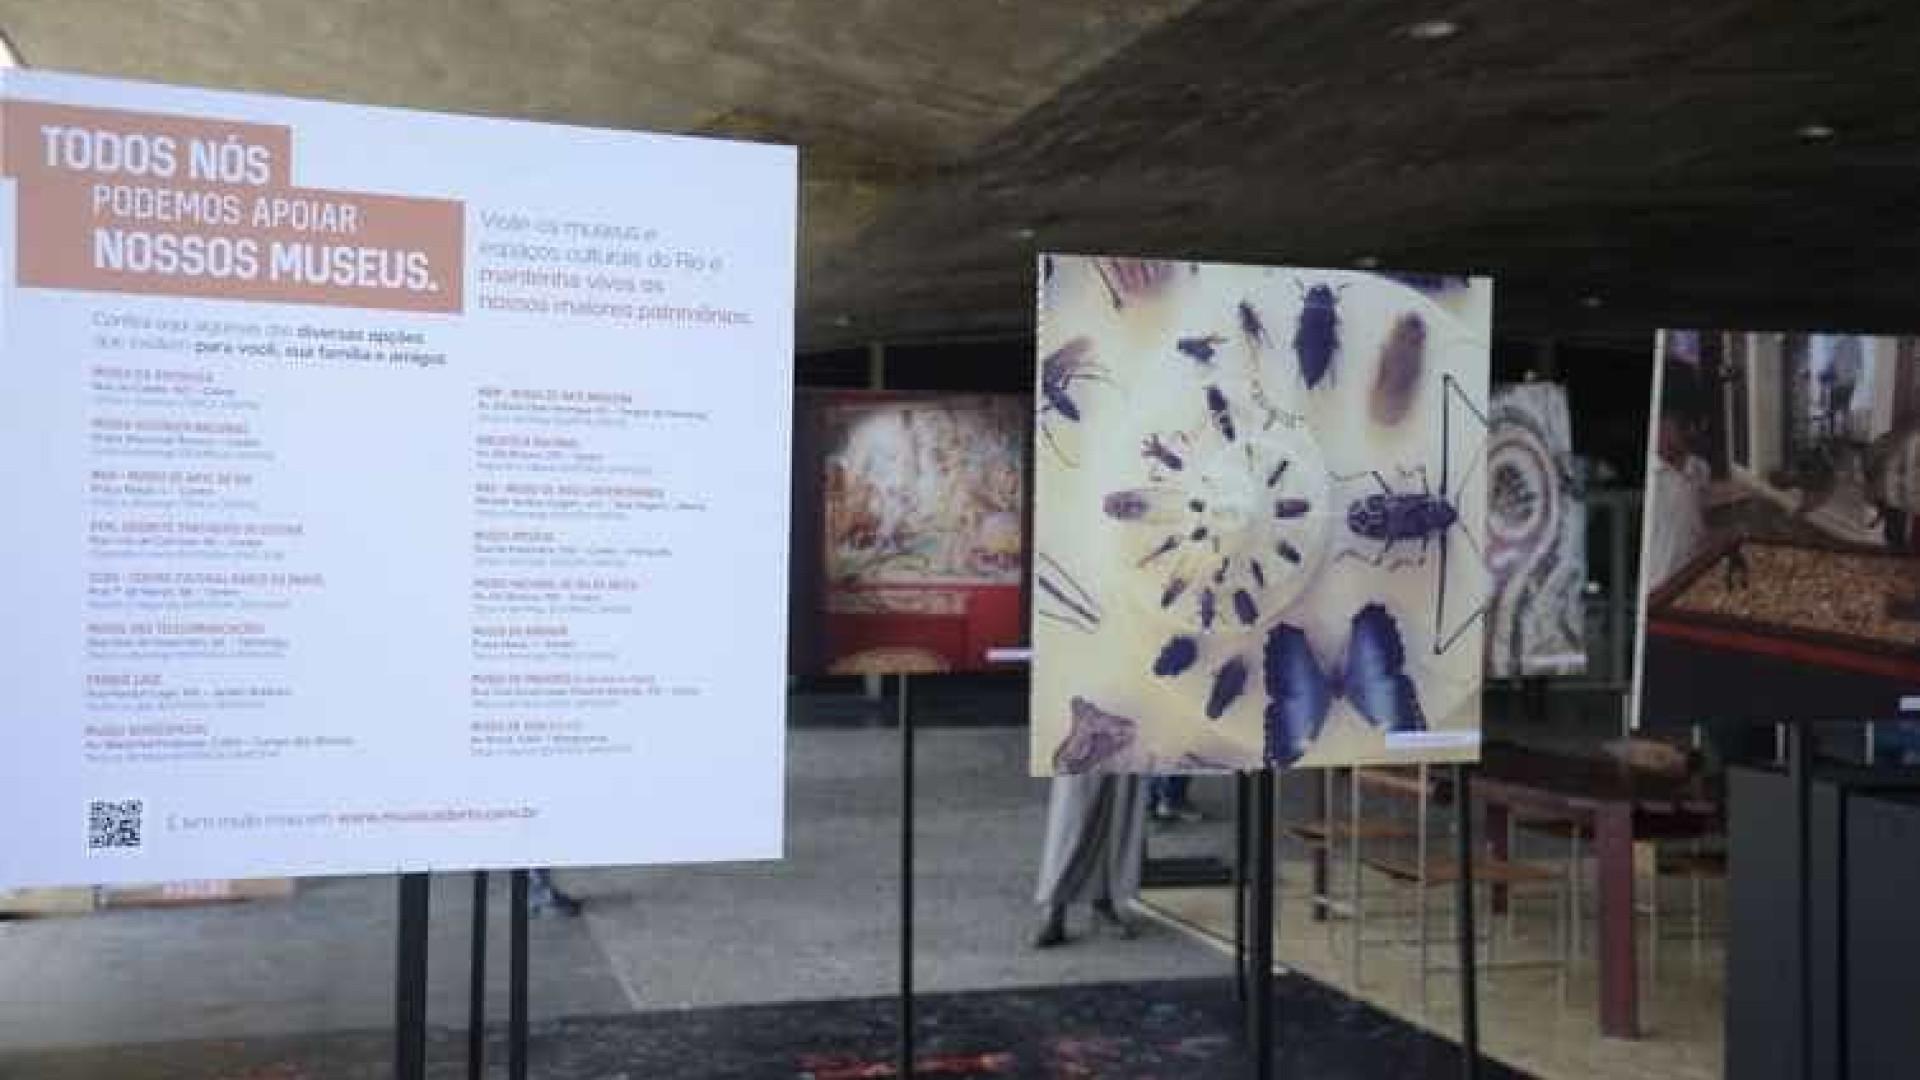 Instalação no MAM presta homenagem ao Museu Nacional